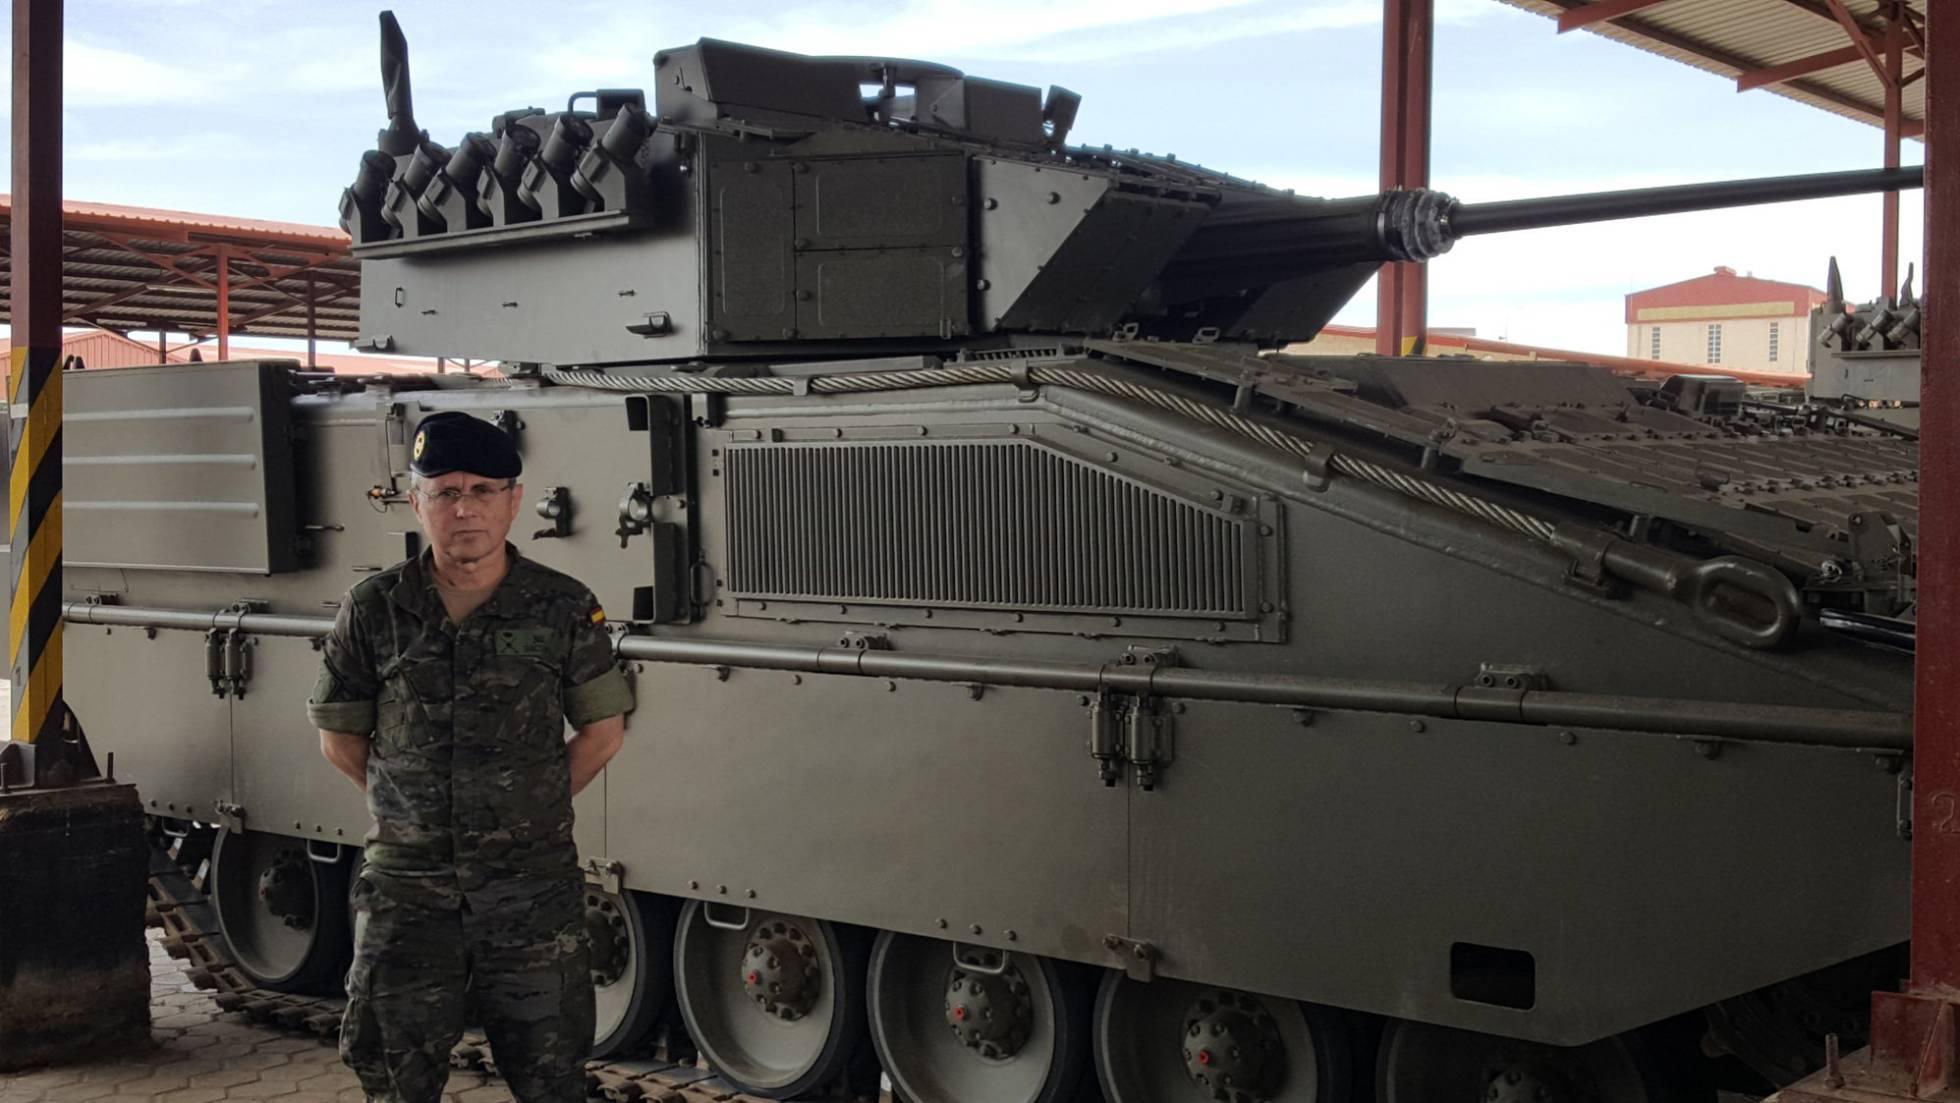 guerra - Fuerzas Armadas Españolas - Página 17 1495561605_705842_1495562764_noticia_normal_recorte1